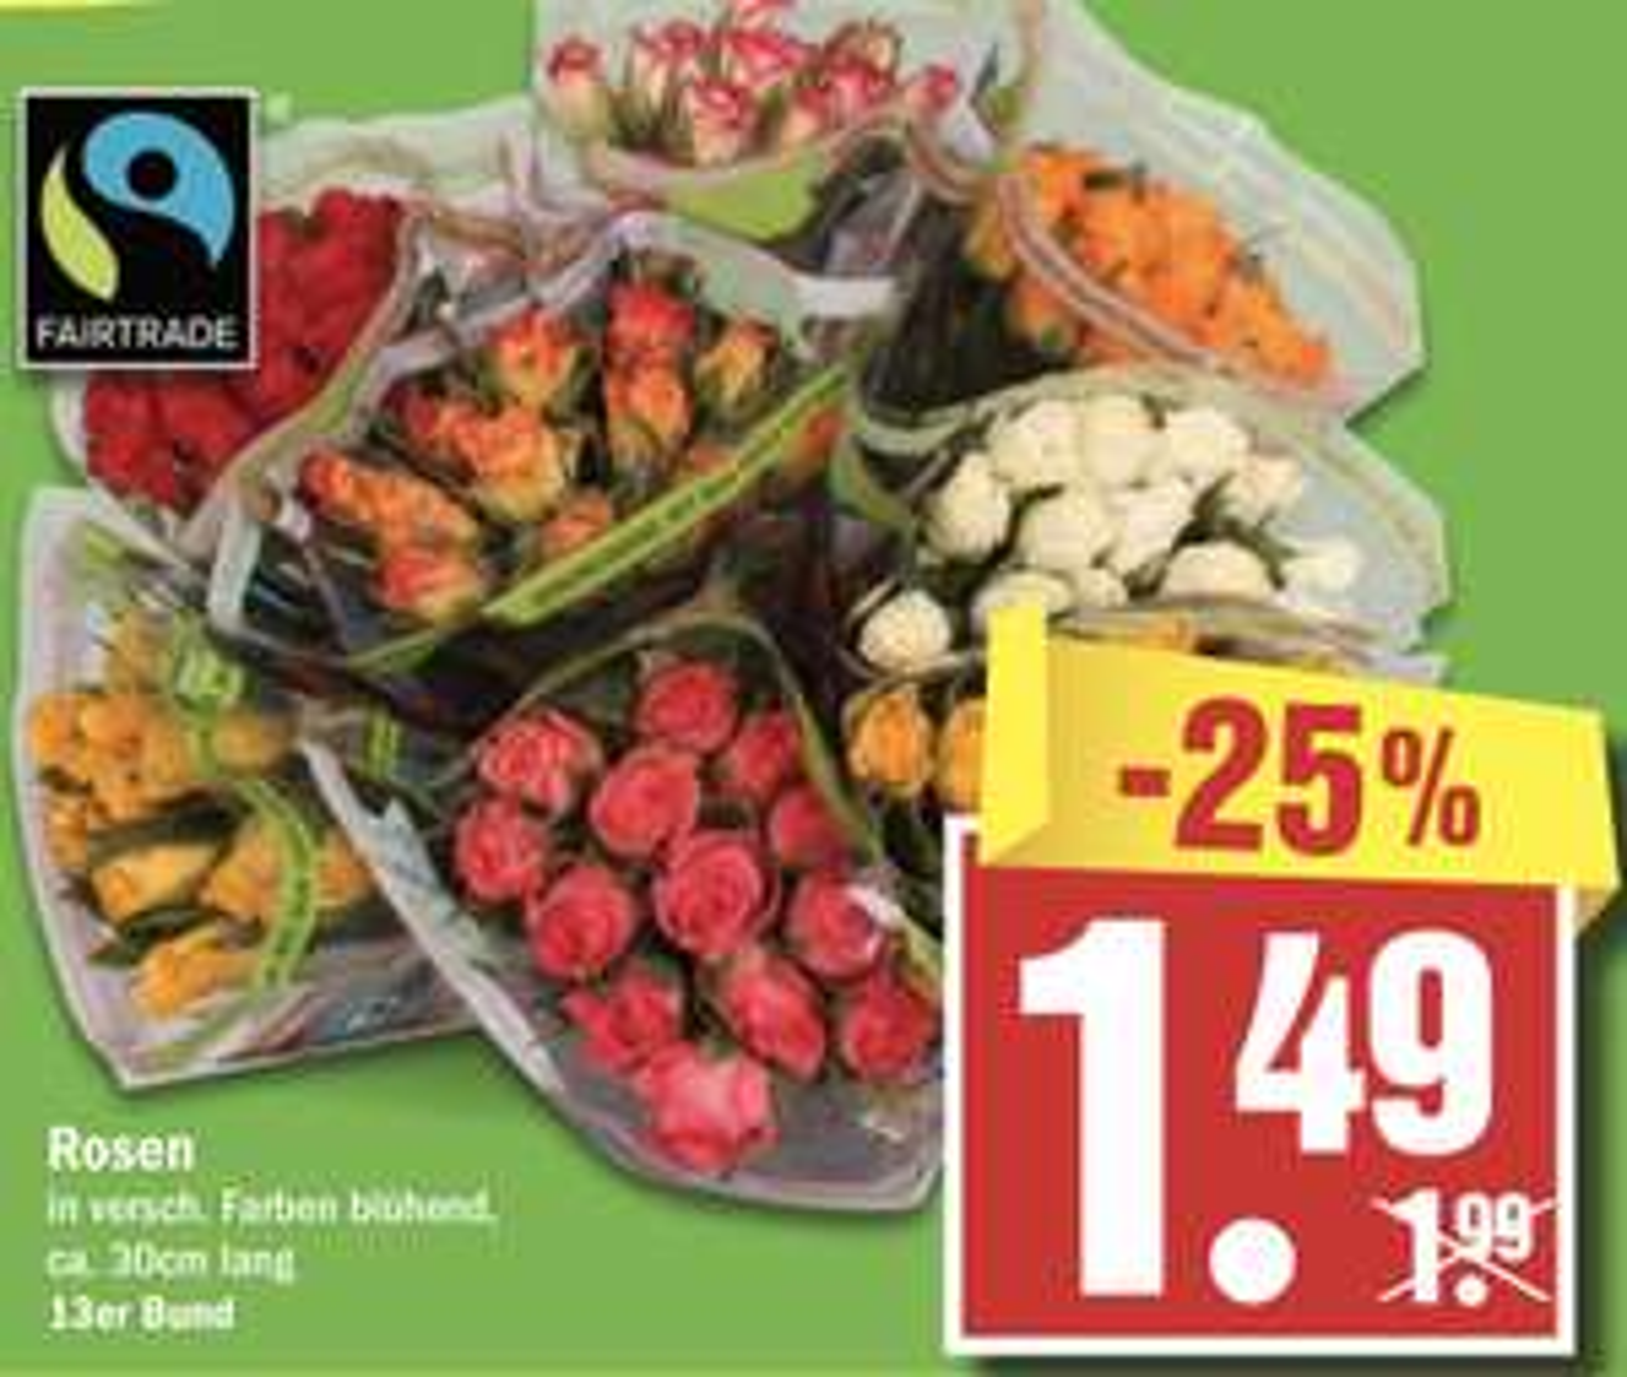 13 Fairtrade Rosen verschiedene Farben ca. 30cm für 1,34€! - ca. 10 Cent pro Rose - vom 08.08. - 10.08.